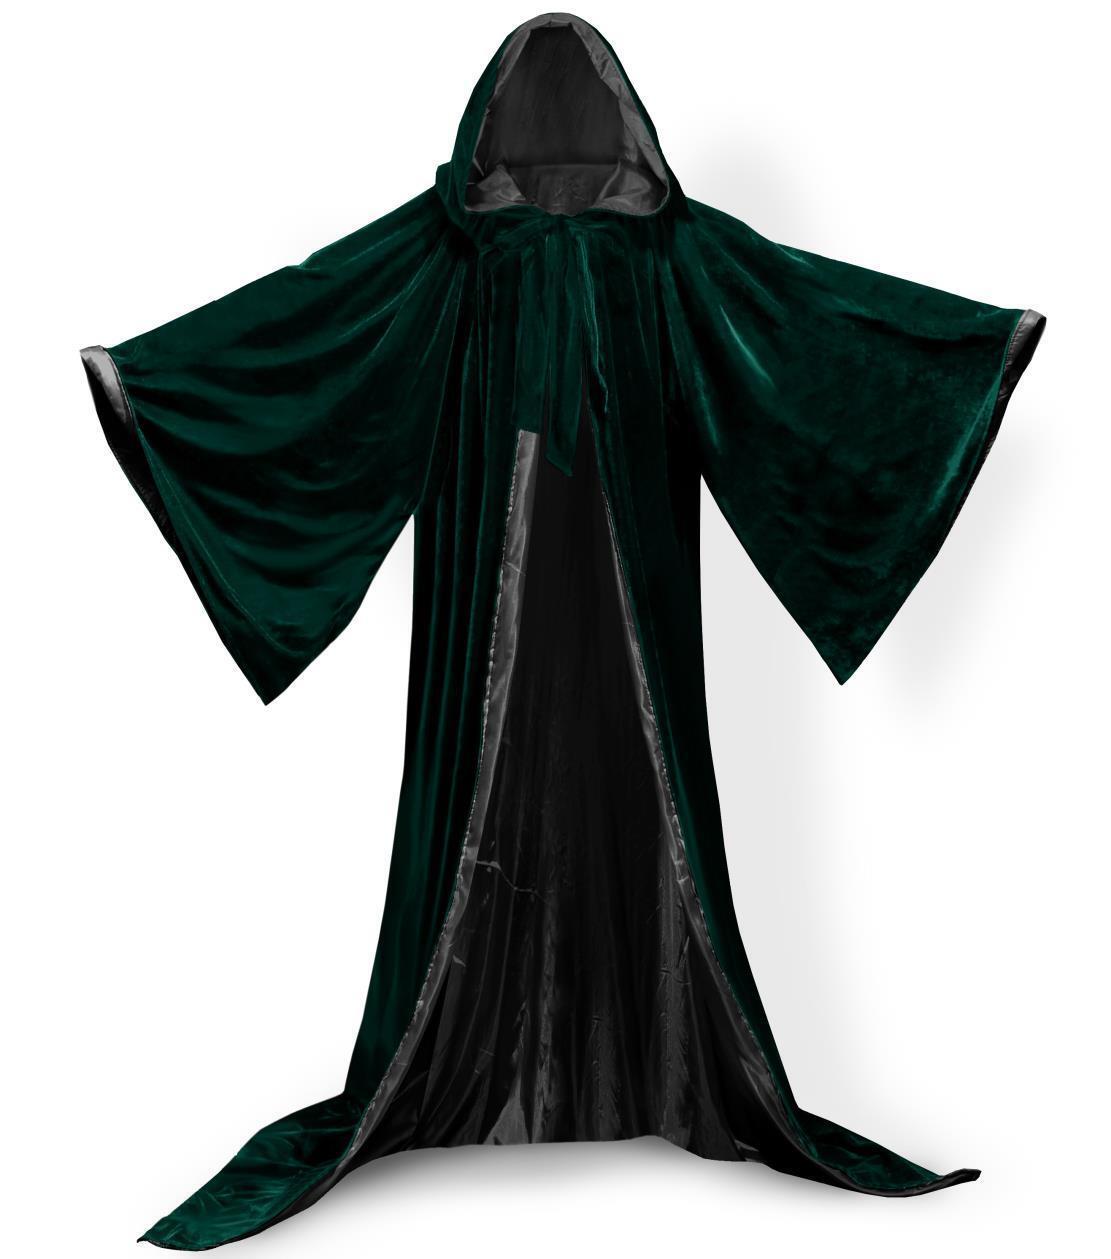 Green Velvet Hooded Cloak Gothic Vampire Wicca Robe Medieval Larp Cape Adult e45c1ab64